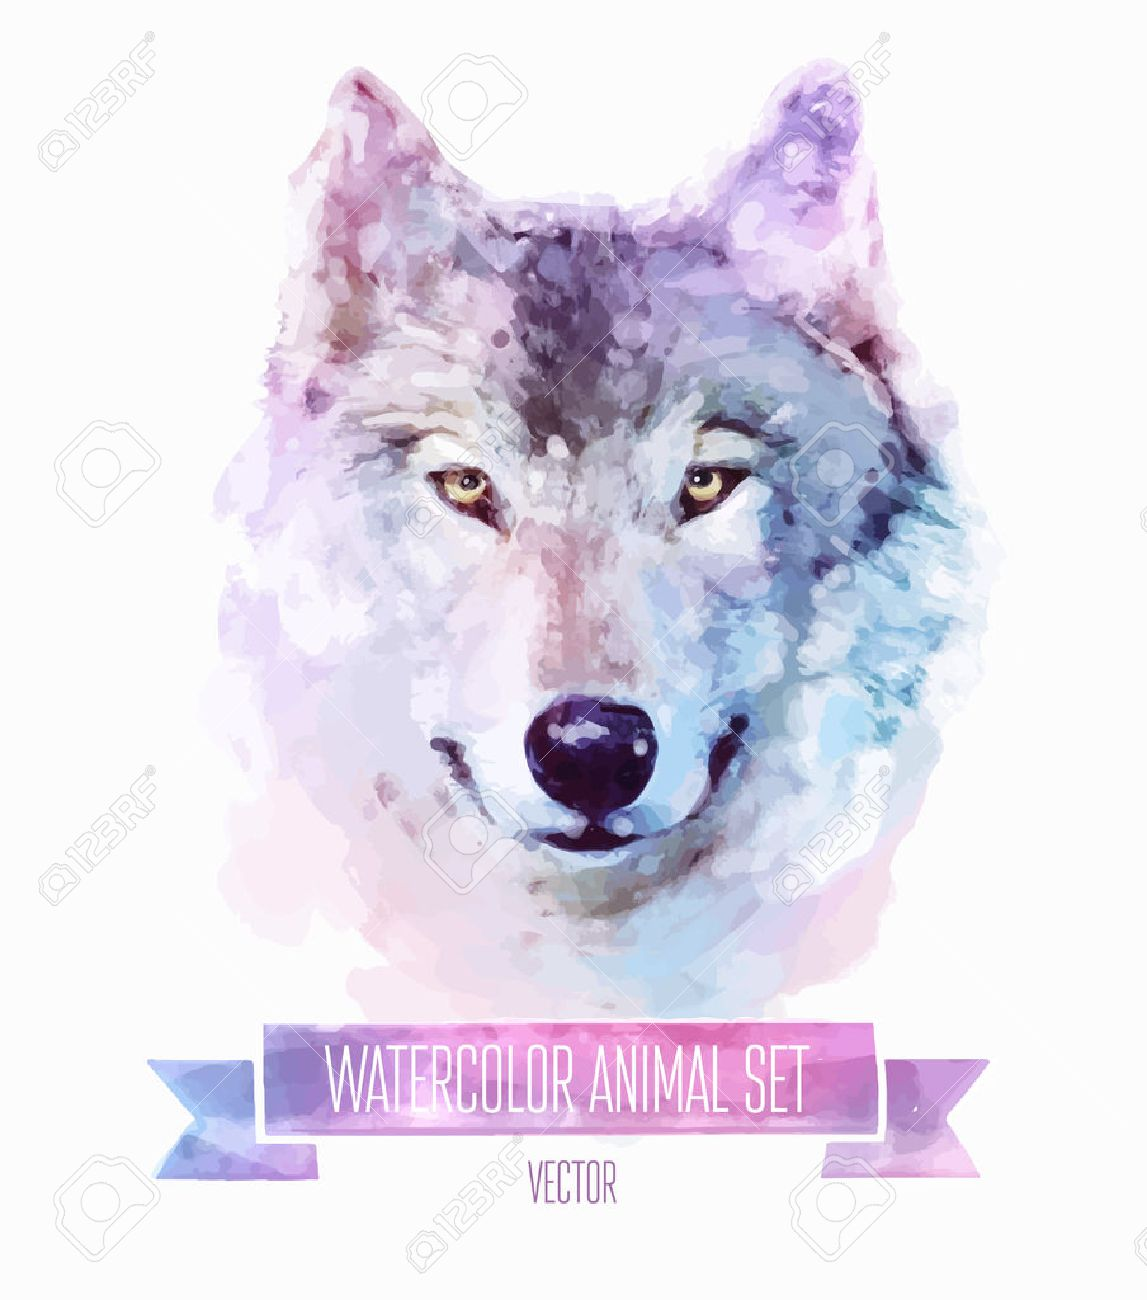 水彩イラストのベクトルを設定します かわいいオオカミのイラスト素材 ベクタ Image